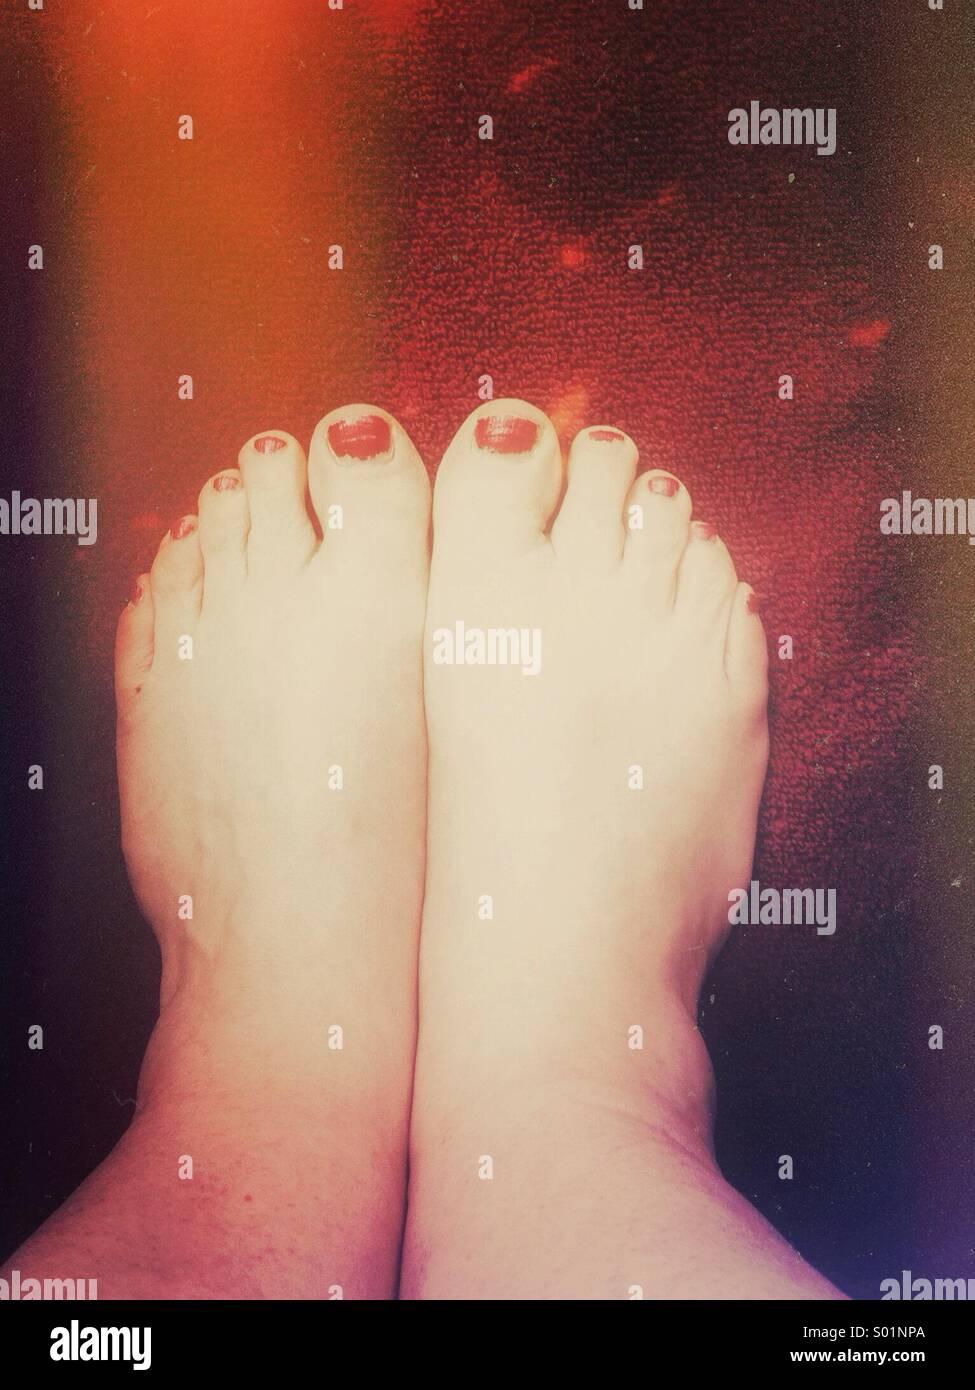 Vernis à ongles rouge écaillée et nus pieds larges sur serviette rouge. Photo Stock